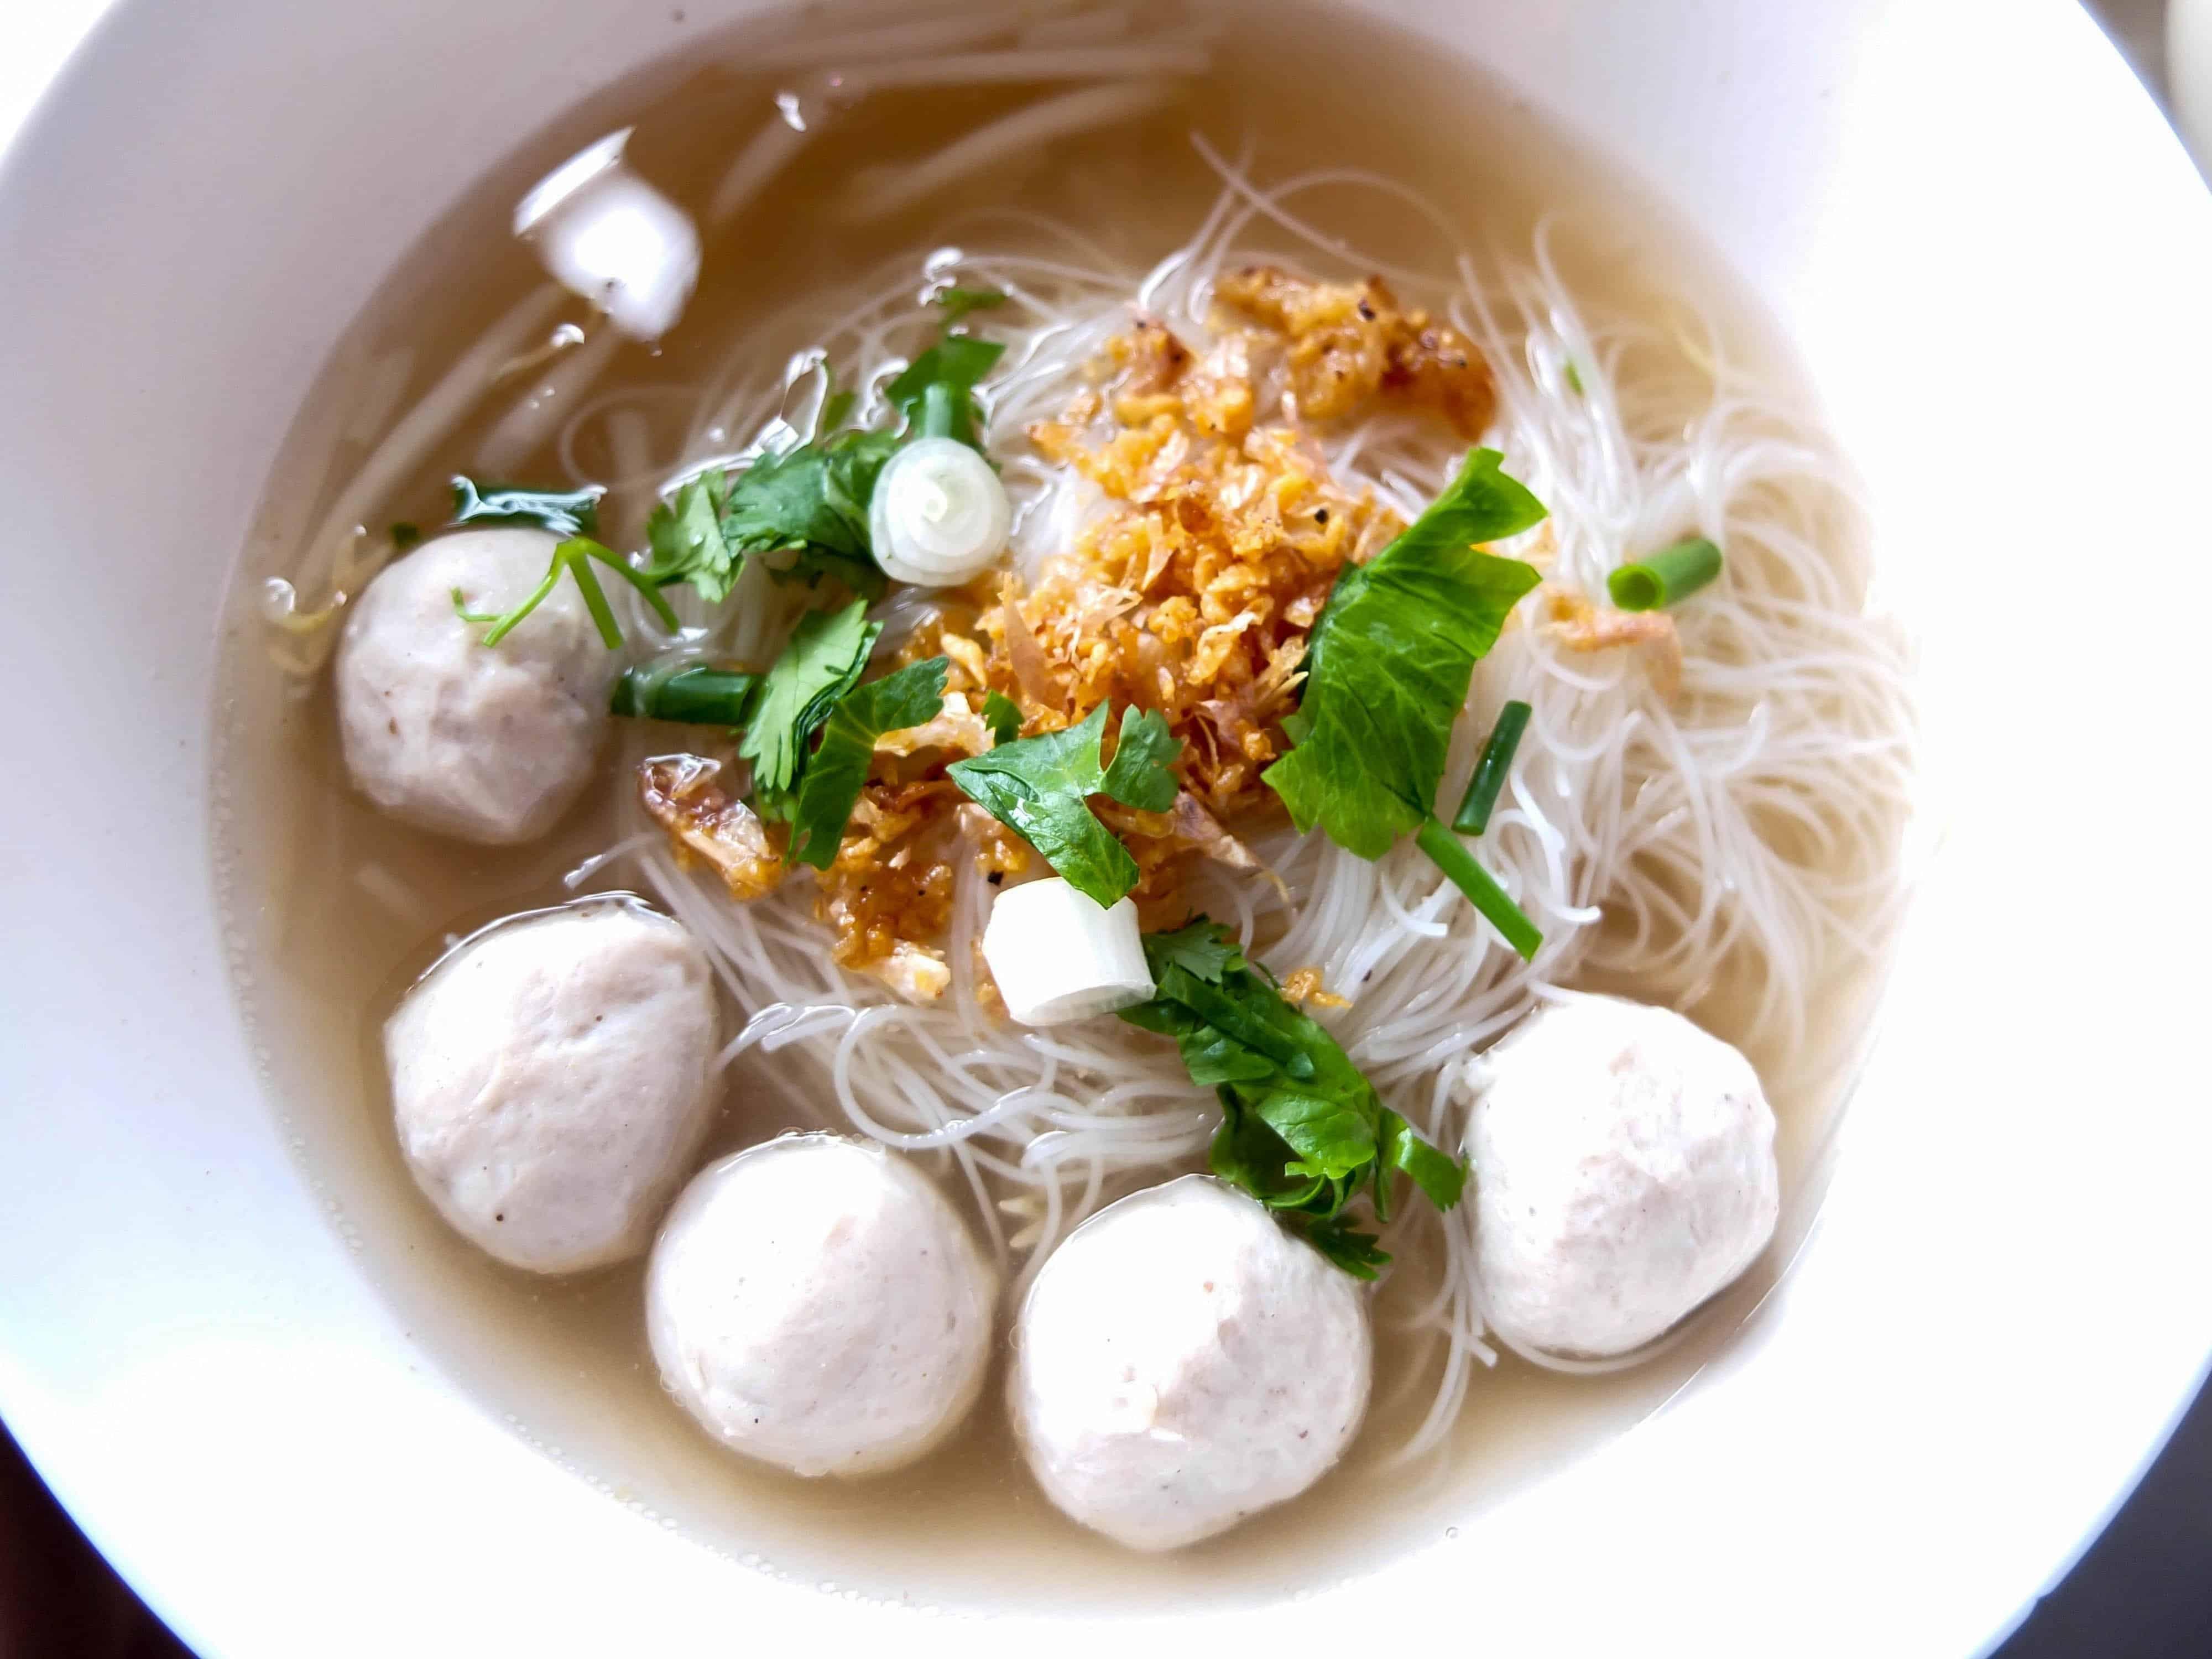 Diet food 33 - แนะนำ 20 เมนูอาหารตามสั่งที่ไม่อ้วน เที่ยงกินได้ เย็นกินแล้วไม่อ้วน